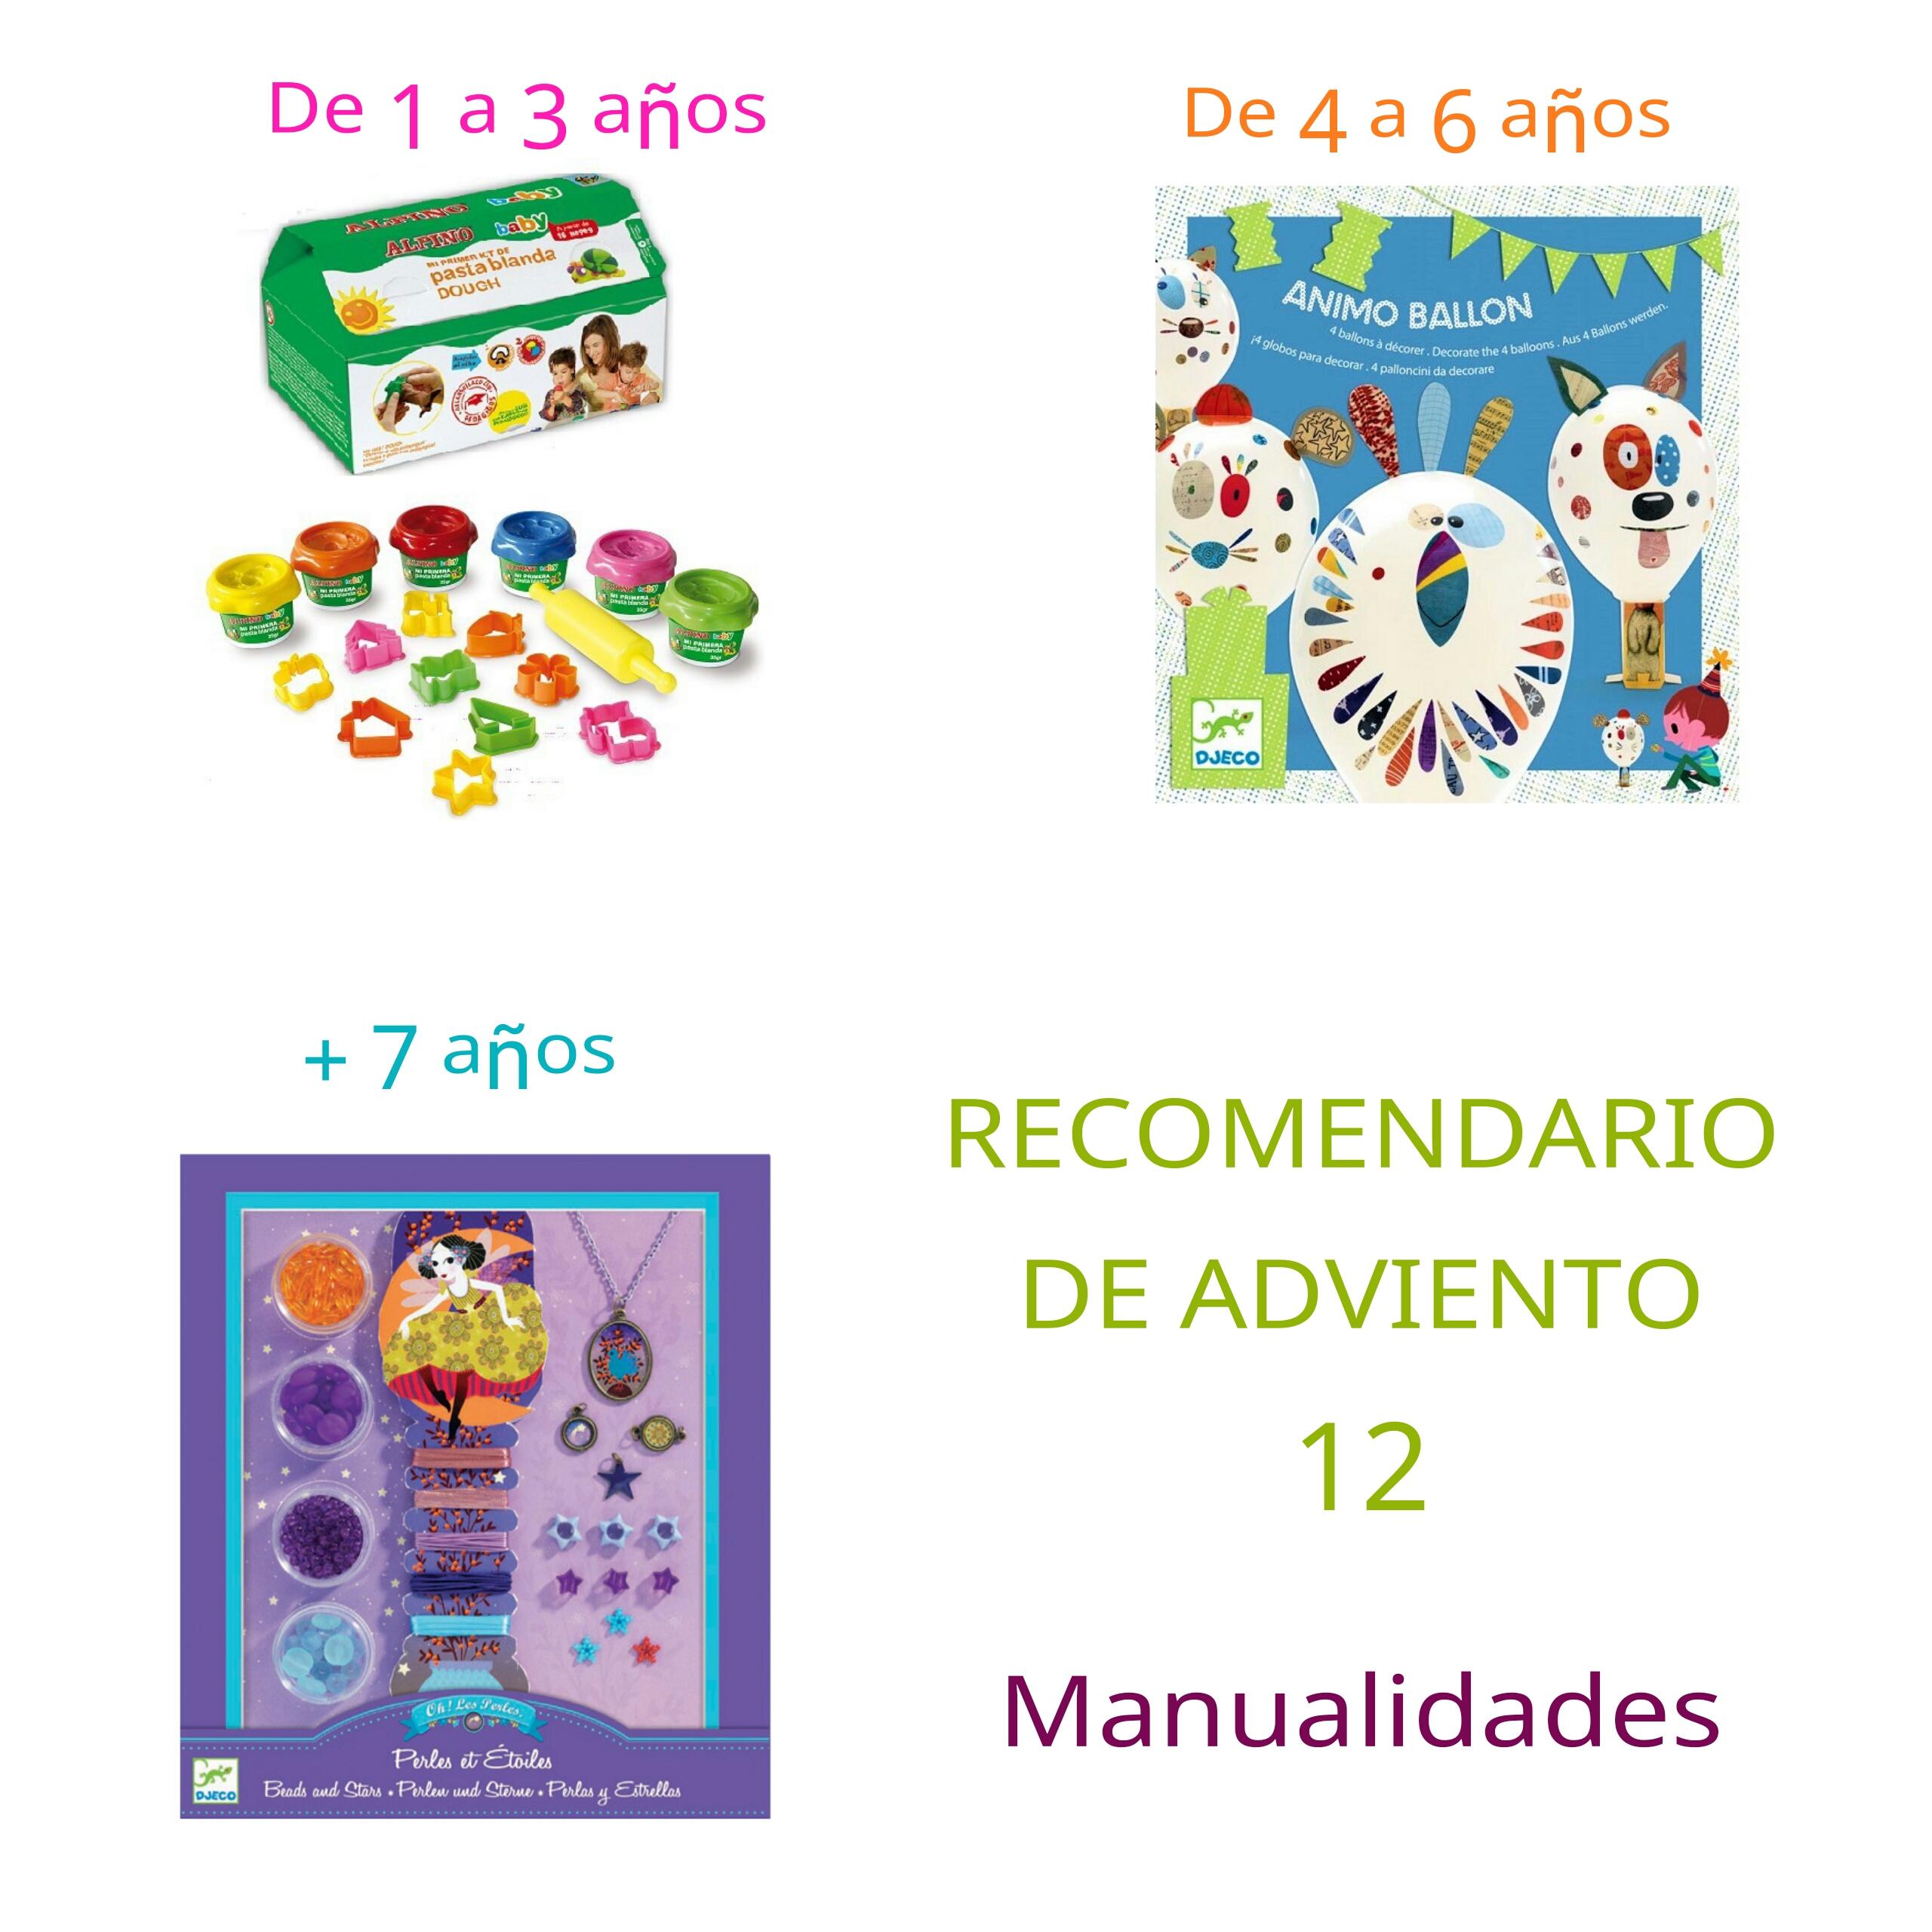 Ideas de regalos para niños. Recomendario de adviento 12